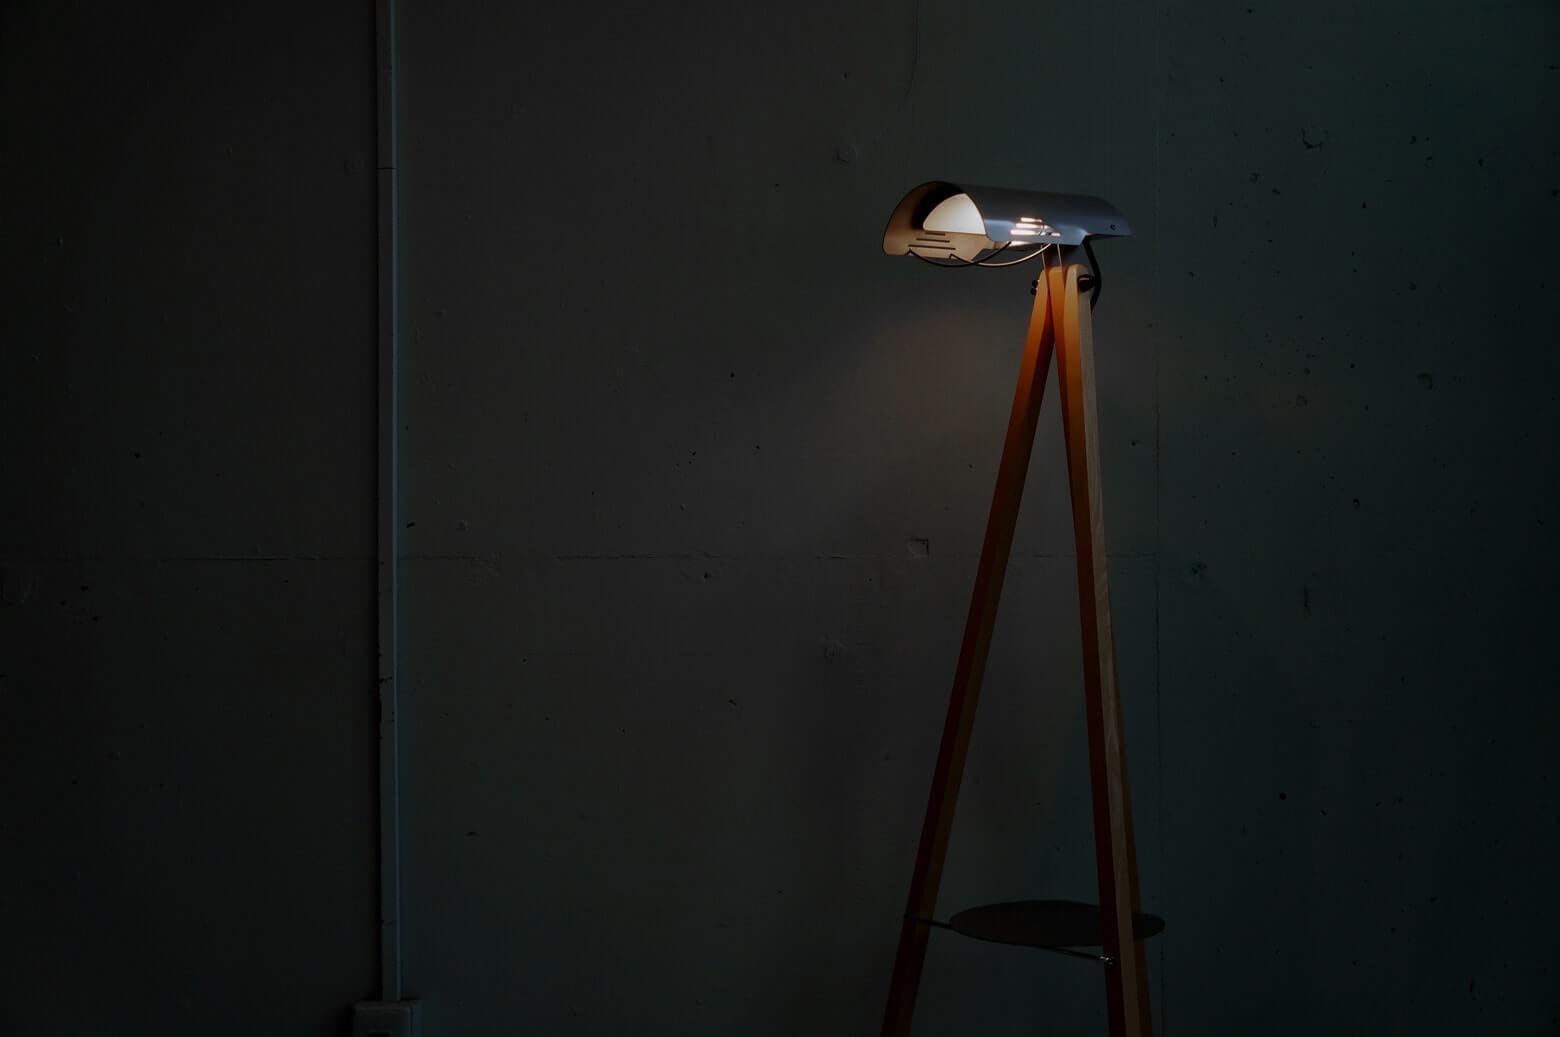 nnovator Stand Light trilite/イノベーター スタンドライト トライライト